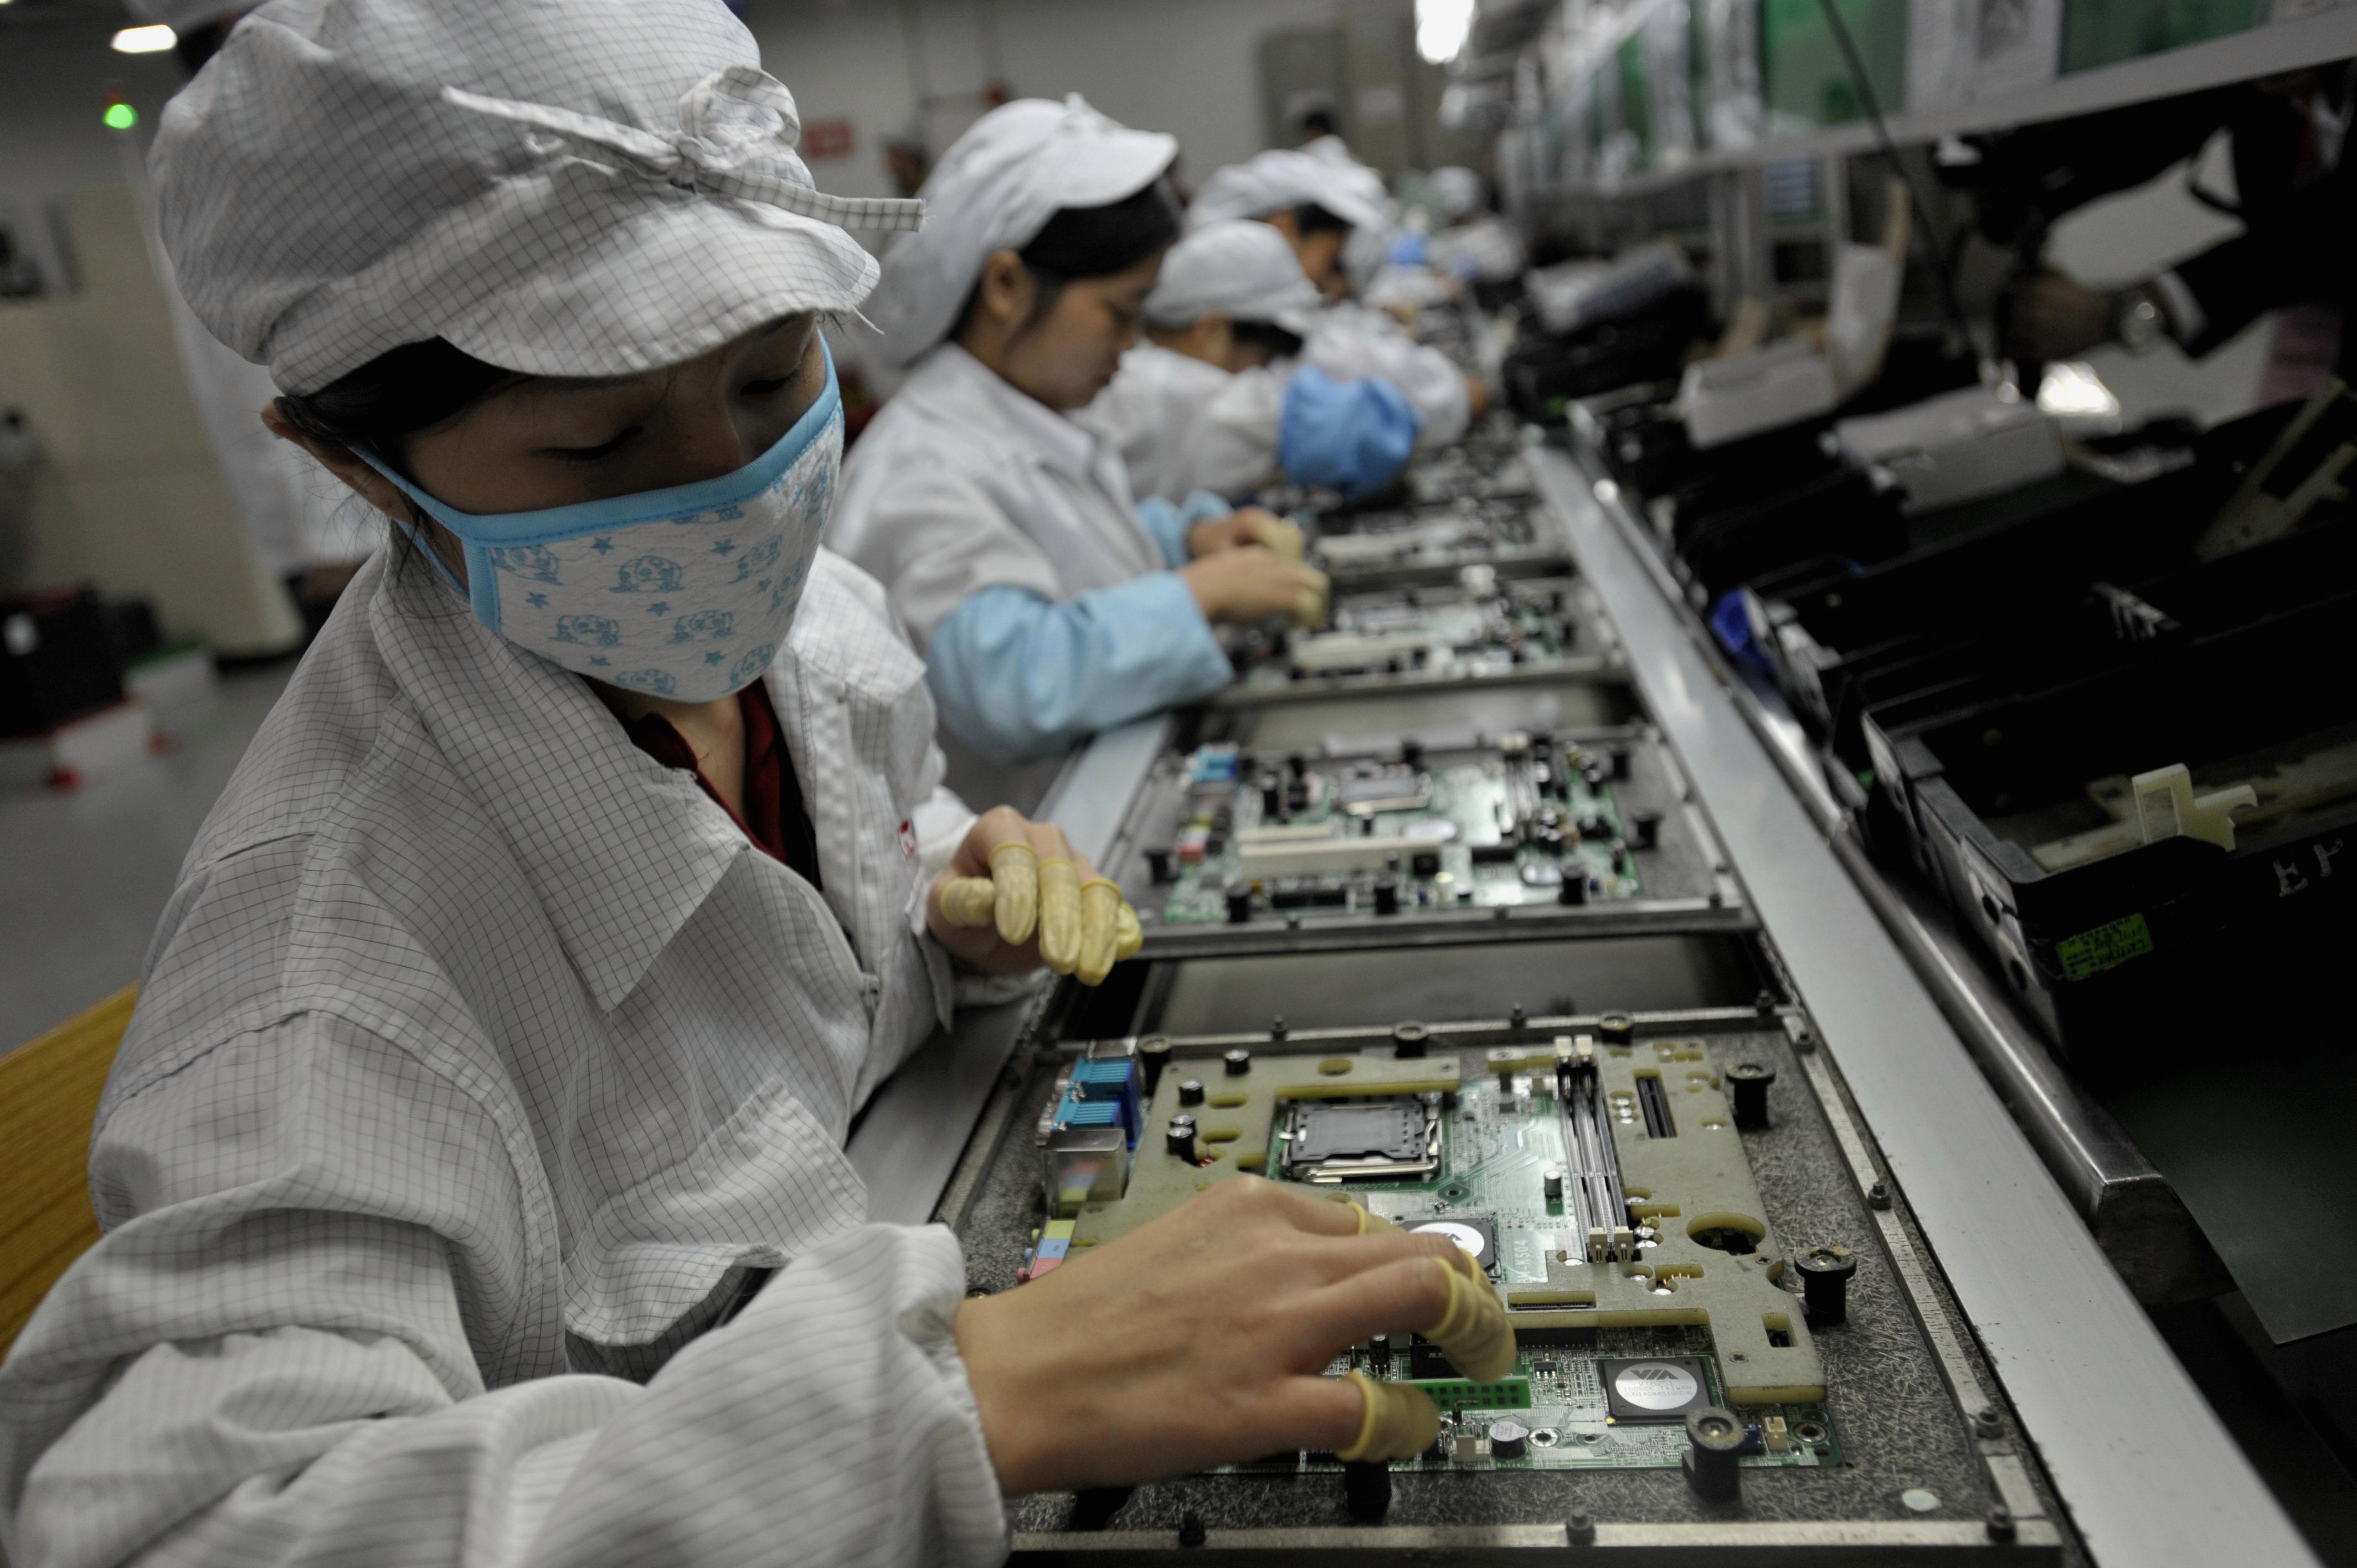 Рабочие на заводе Foxconn в Китае. По сообщениям, подростков-интернов заставили работать на изнурительную смену. Amazonпродукты, благотворительность сказал